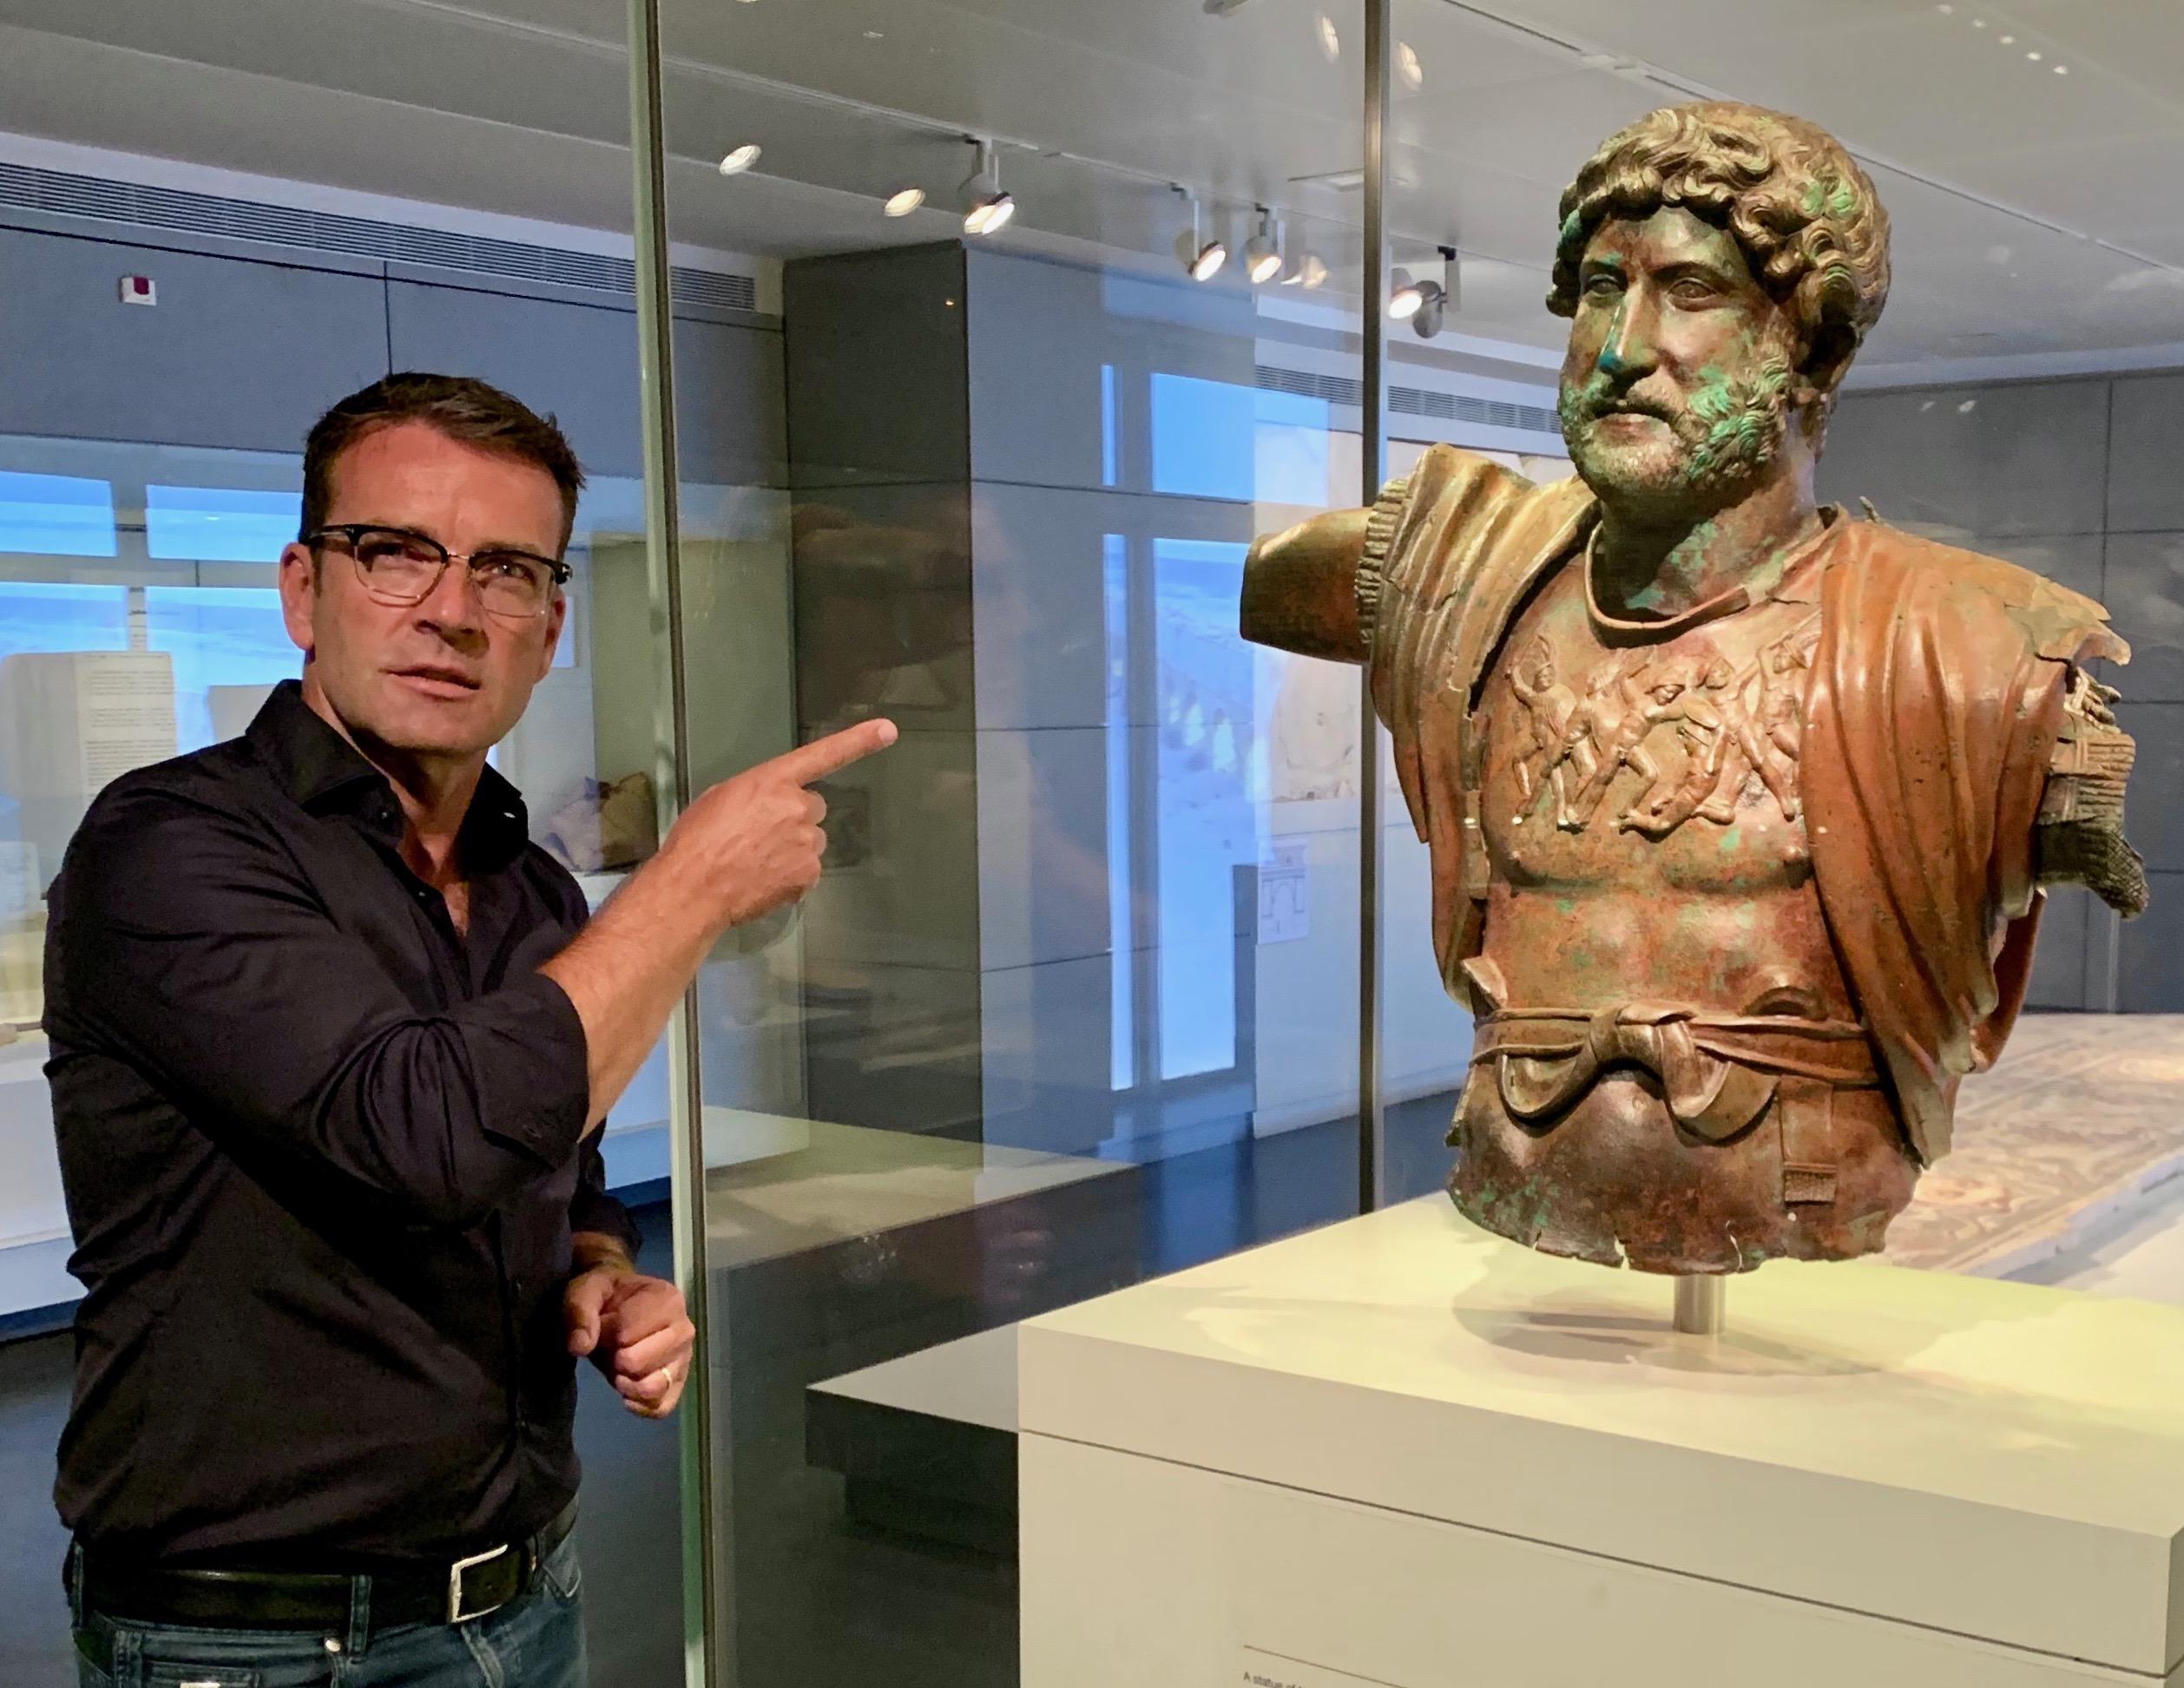 Bronzestatue von Hadrian aus dem Legionslager in Tel Shalem (Judäa), Israel Museum